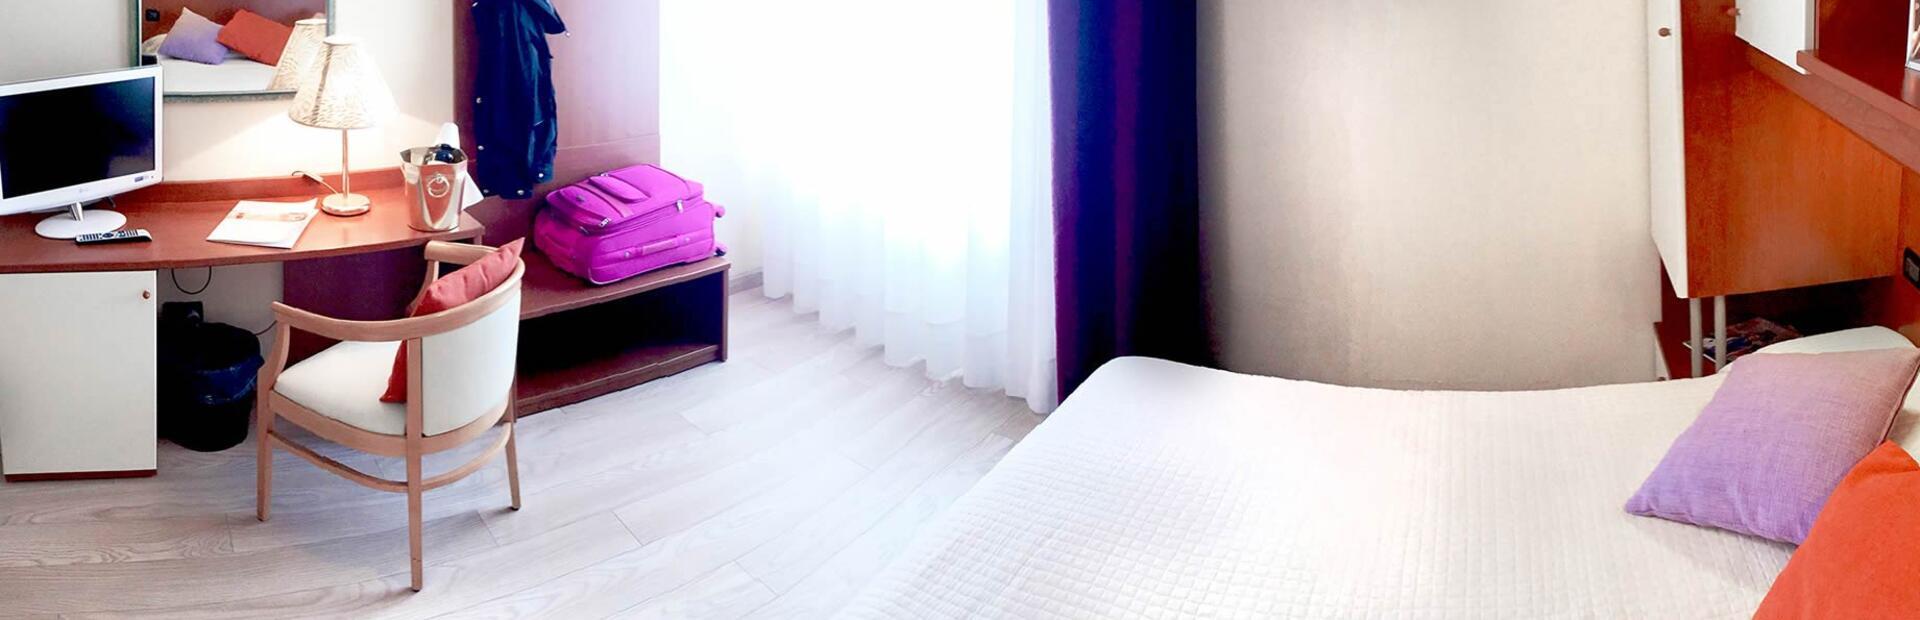 hotel-sole en room 001